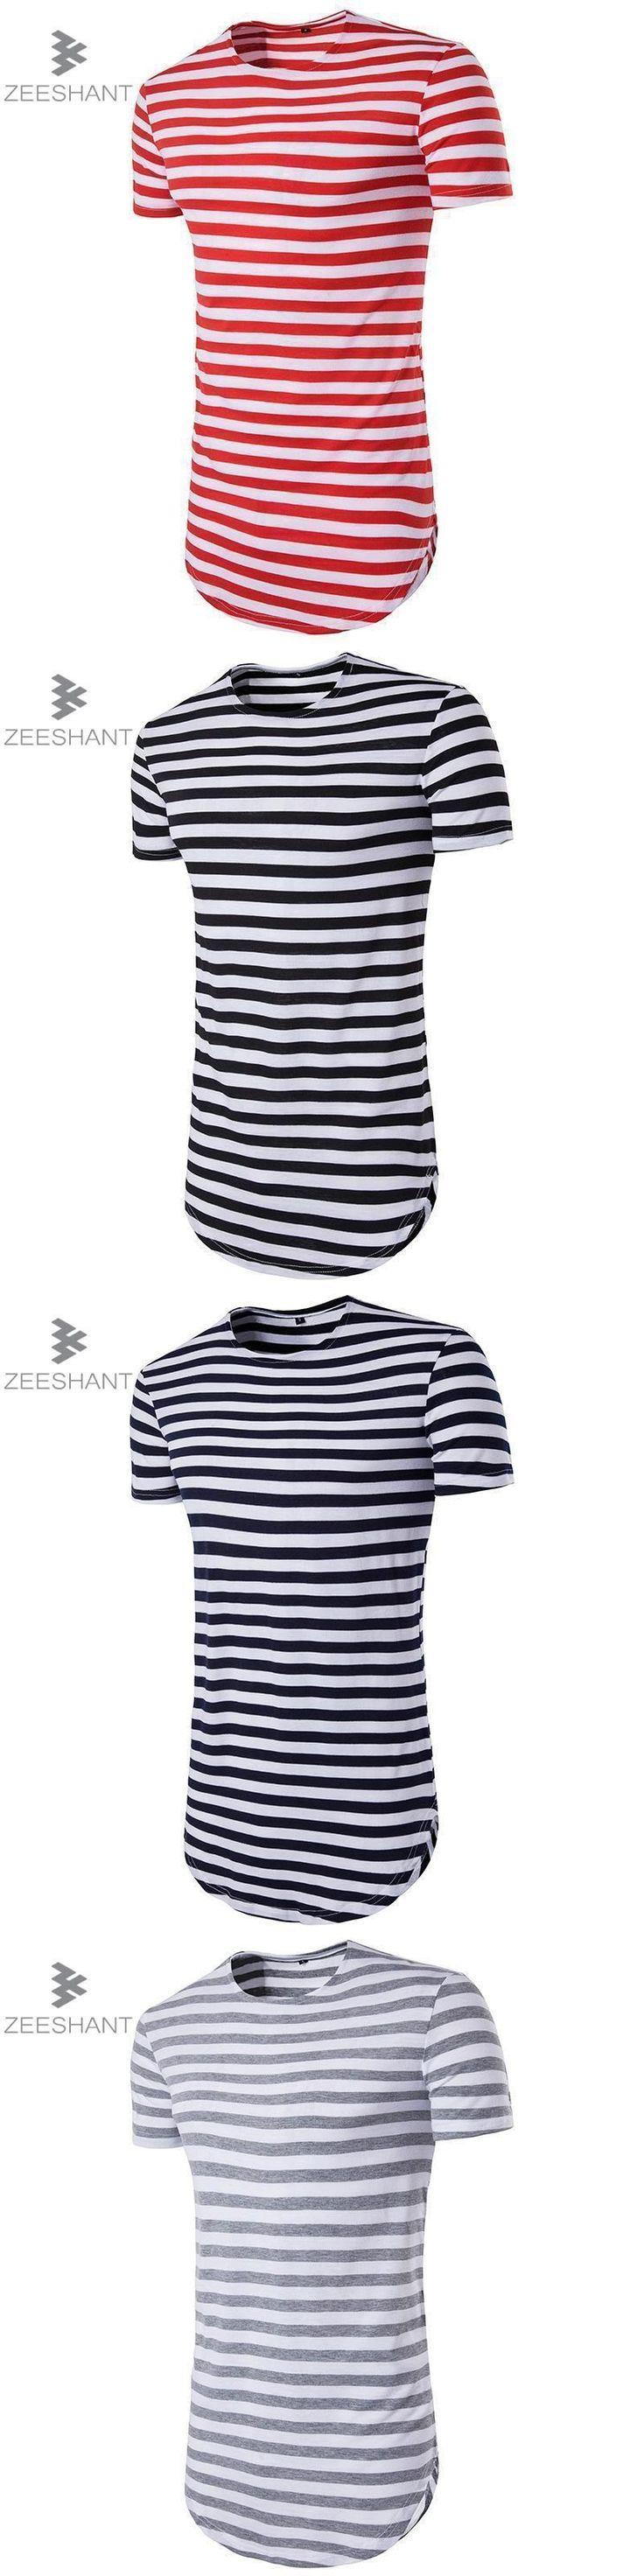 ZEESHANT Streetwear Men t shirt extended longline hipster t shirt men stripes t shirt Homme Long Line Striped T shirt Homme #menst-shirtshipster #menshirts